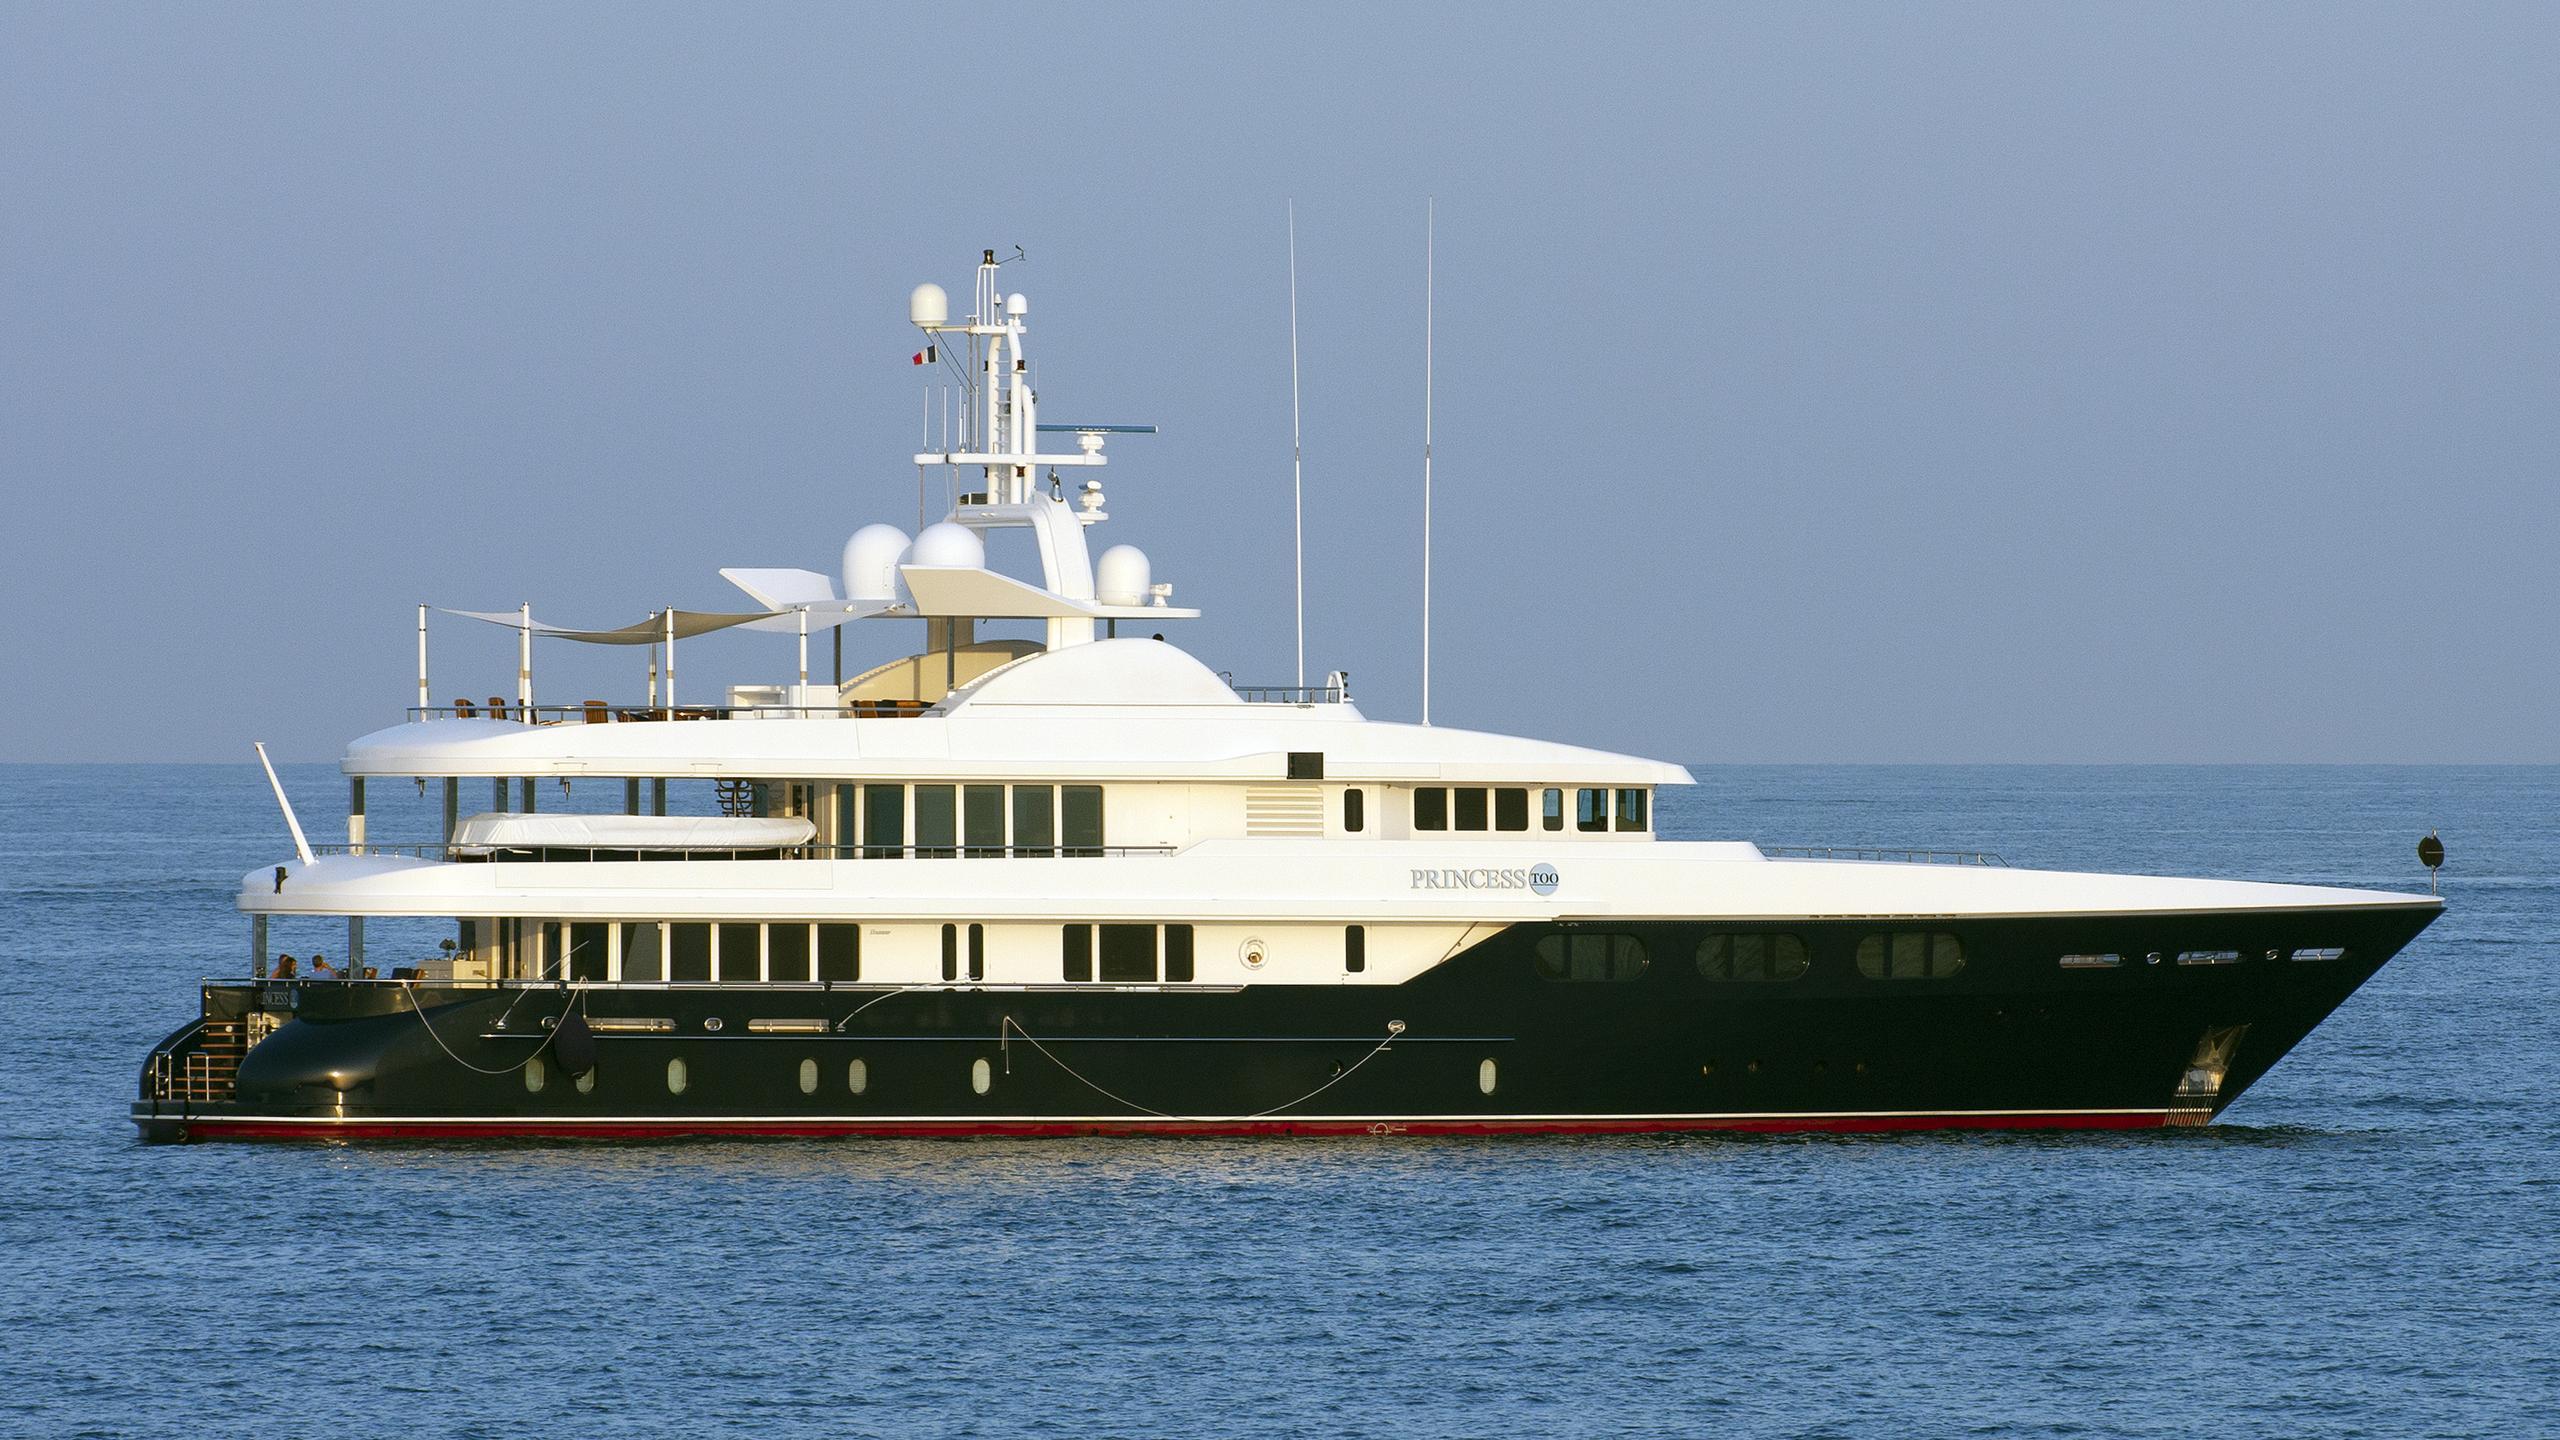 princess-too-yacht-exterior